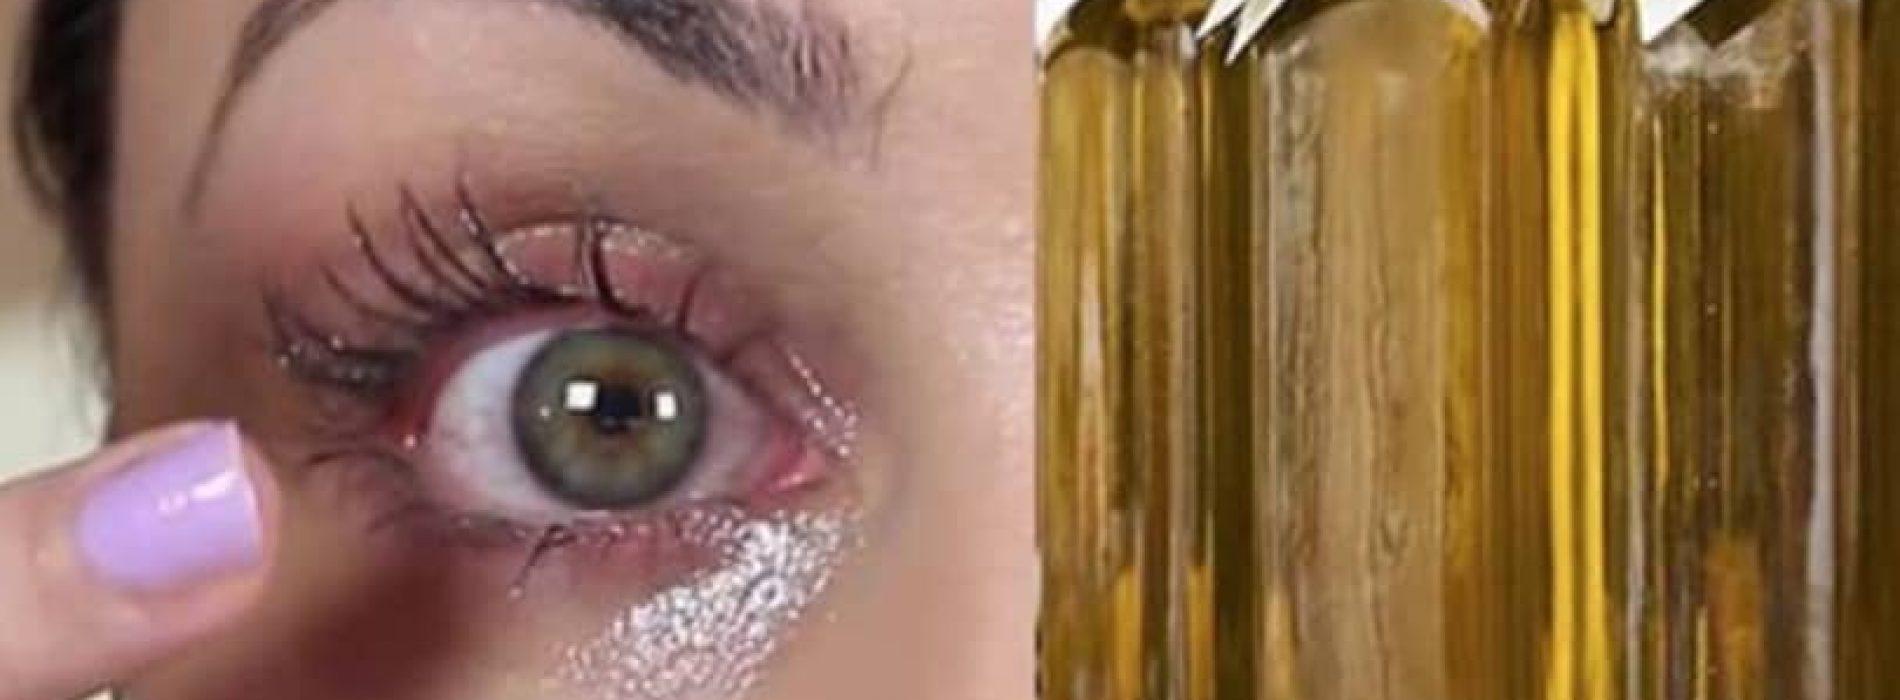 Ze smeert altijd pure olijfolie rondom haar ogen om DEZE reden!